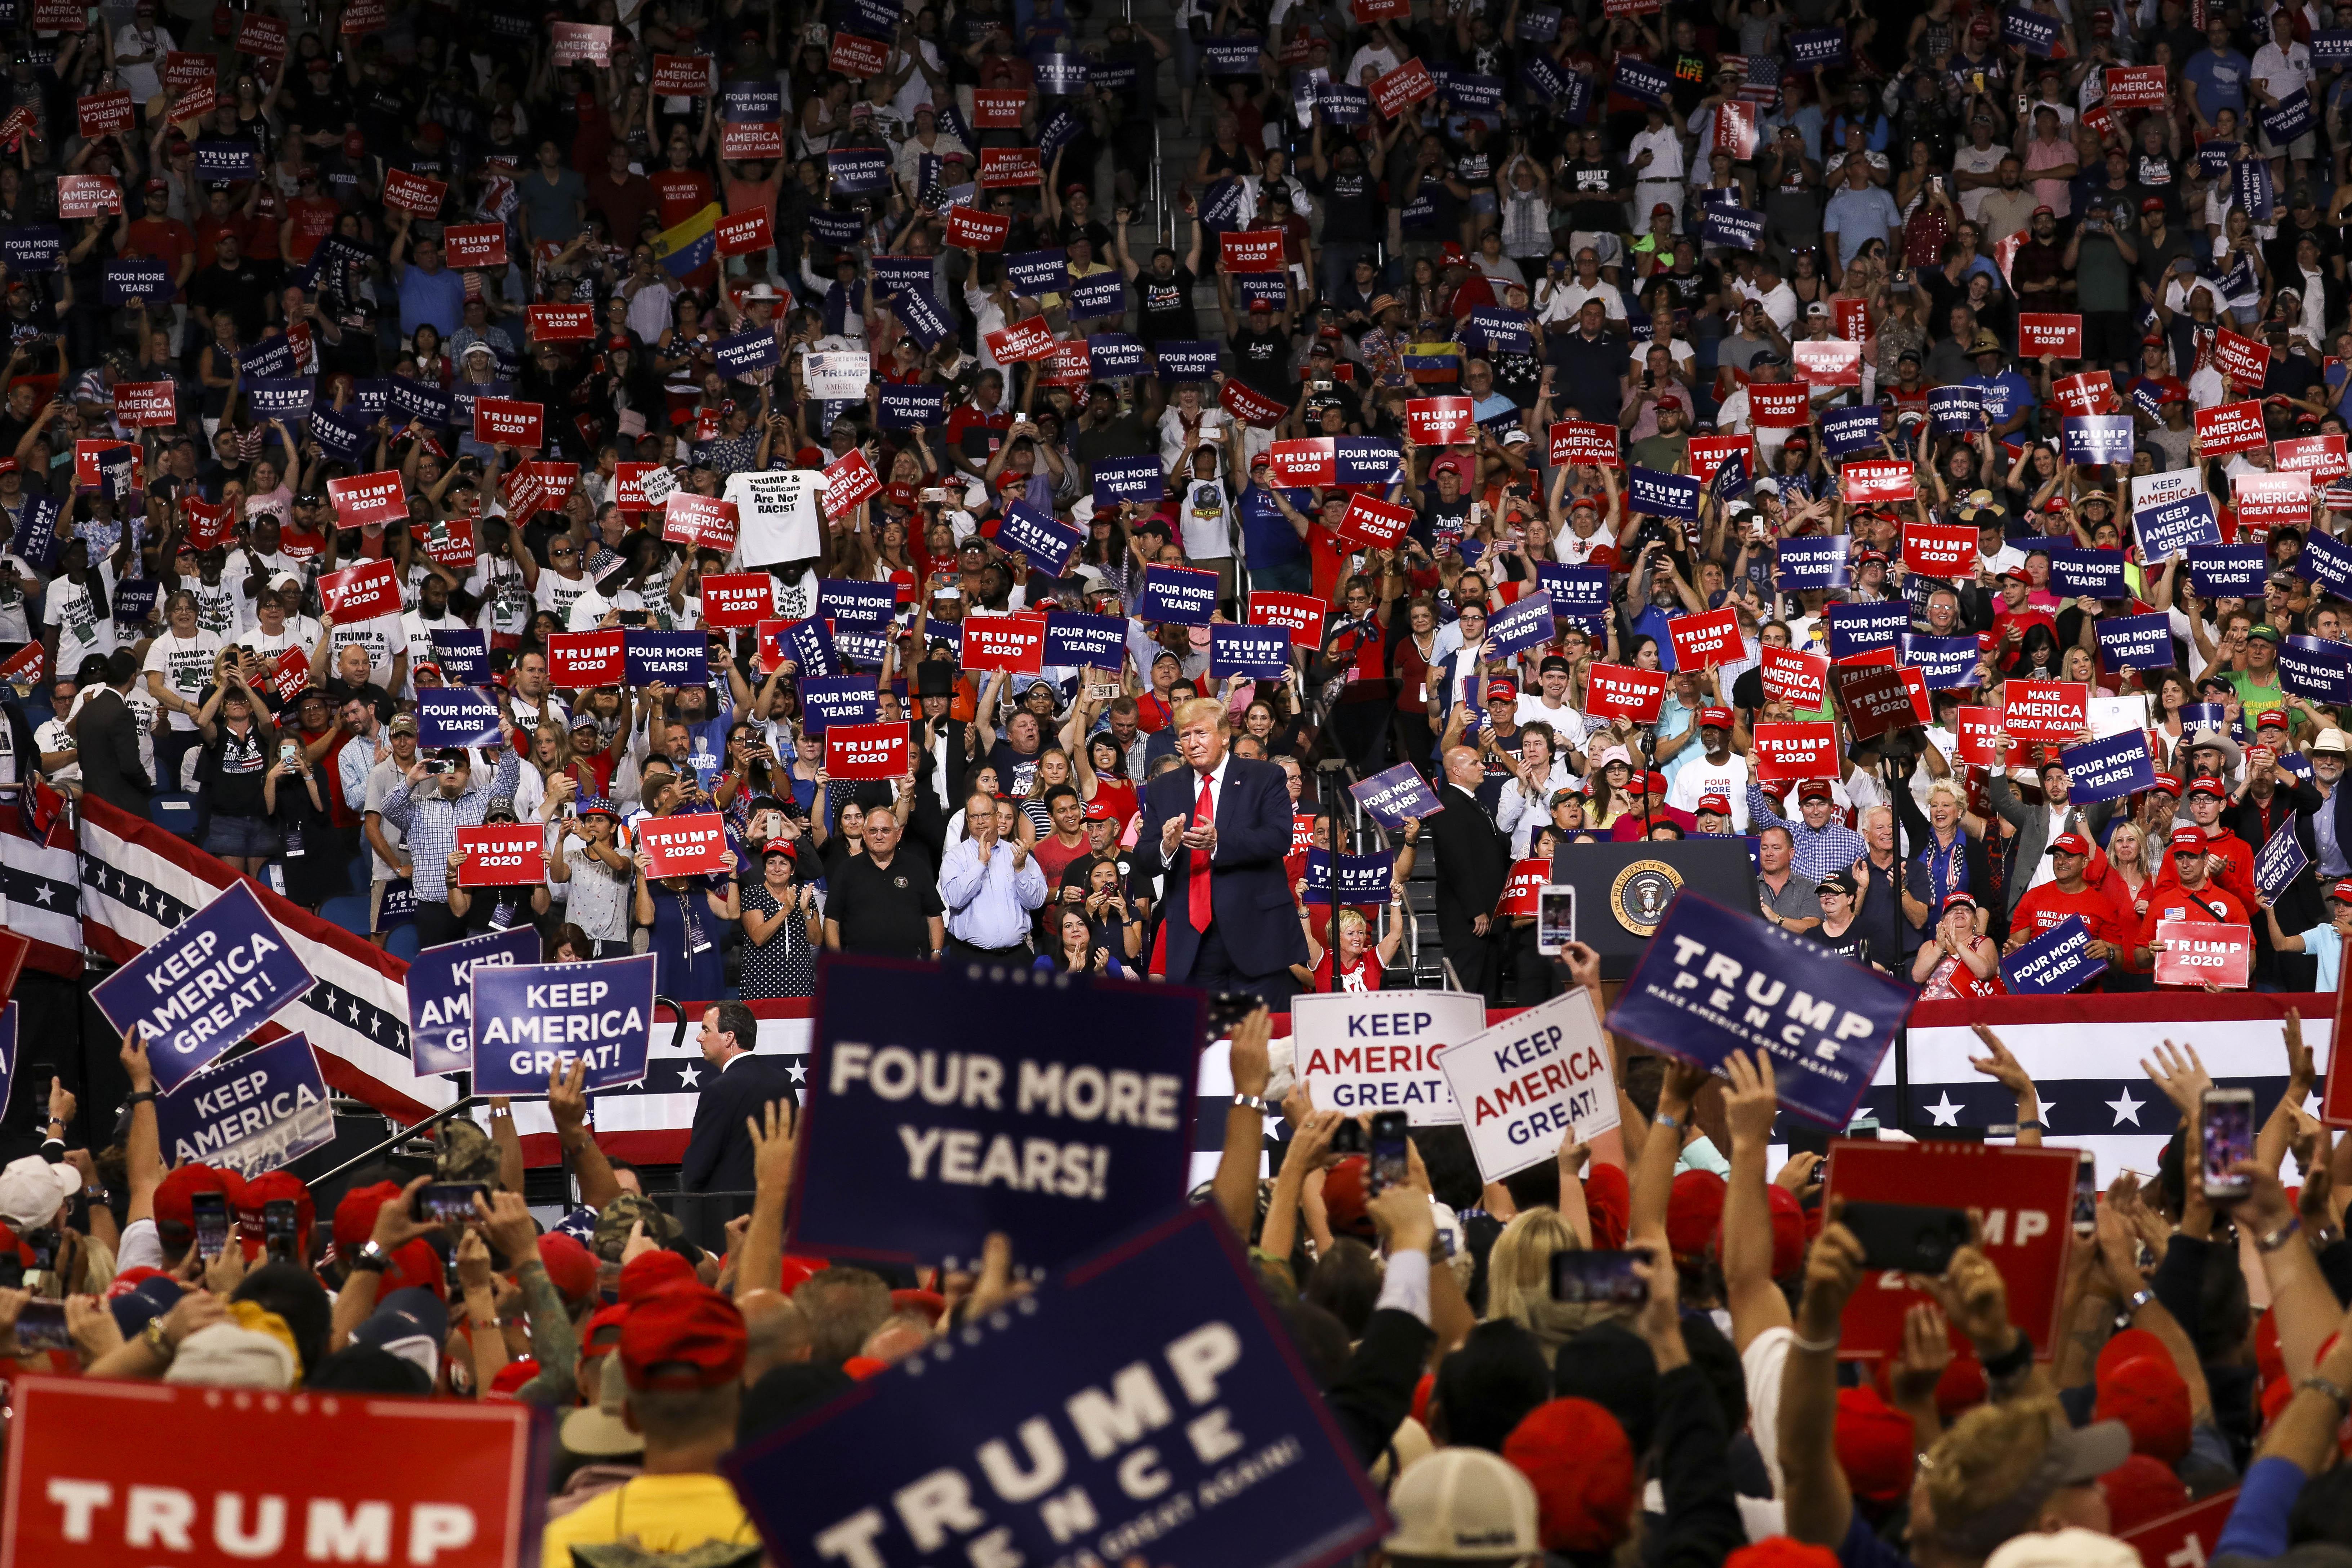 Trump 2020 florida orlando